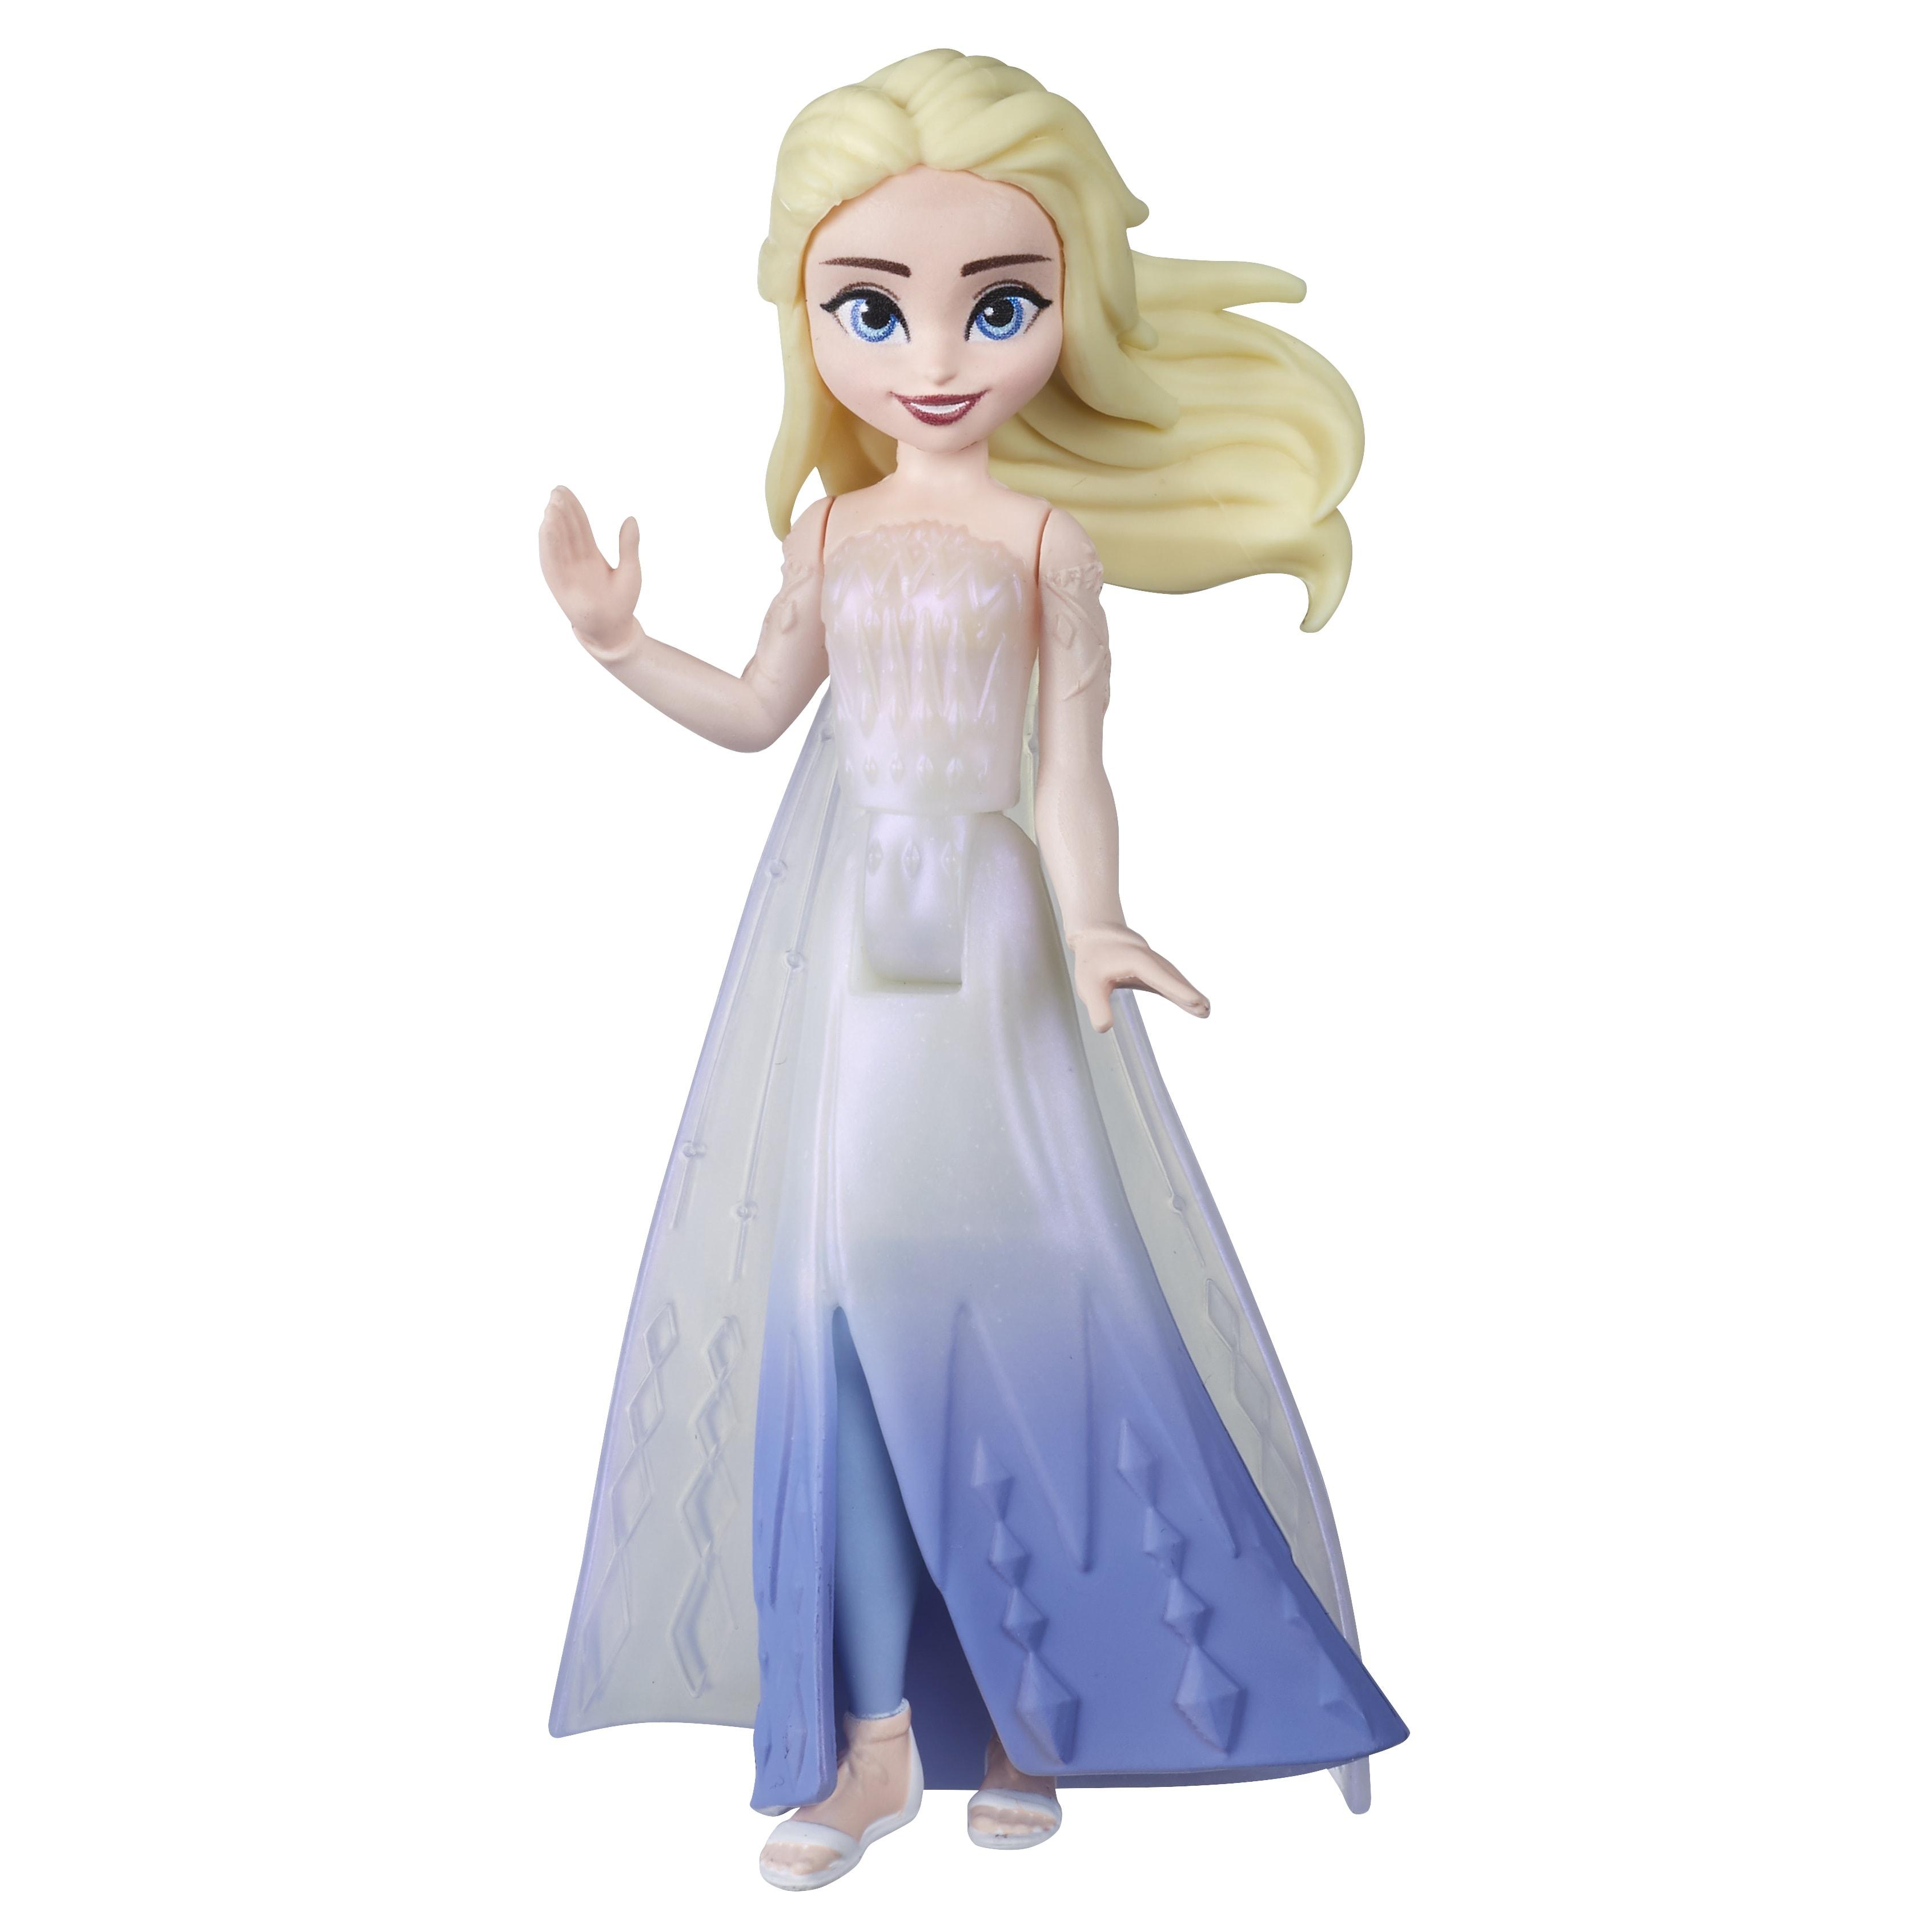 E8687 FRZ Queen Elsa Small Doll OOP